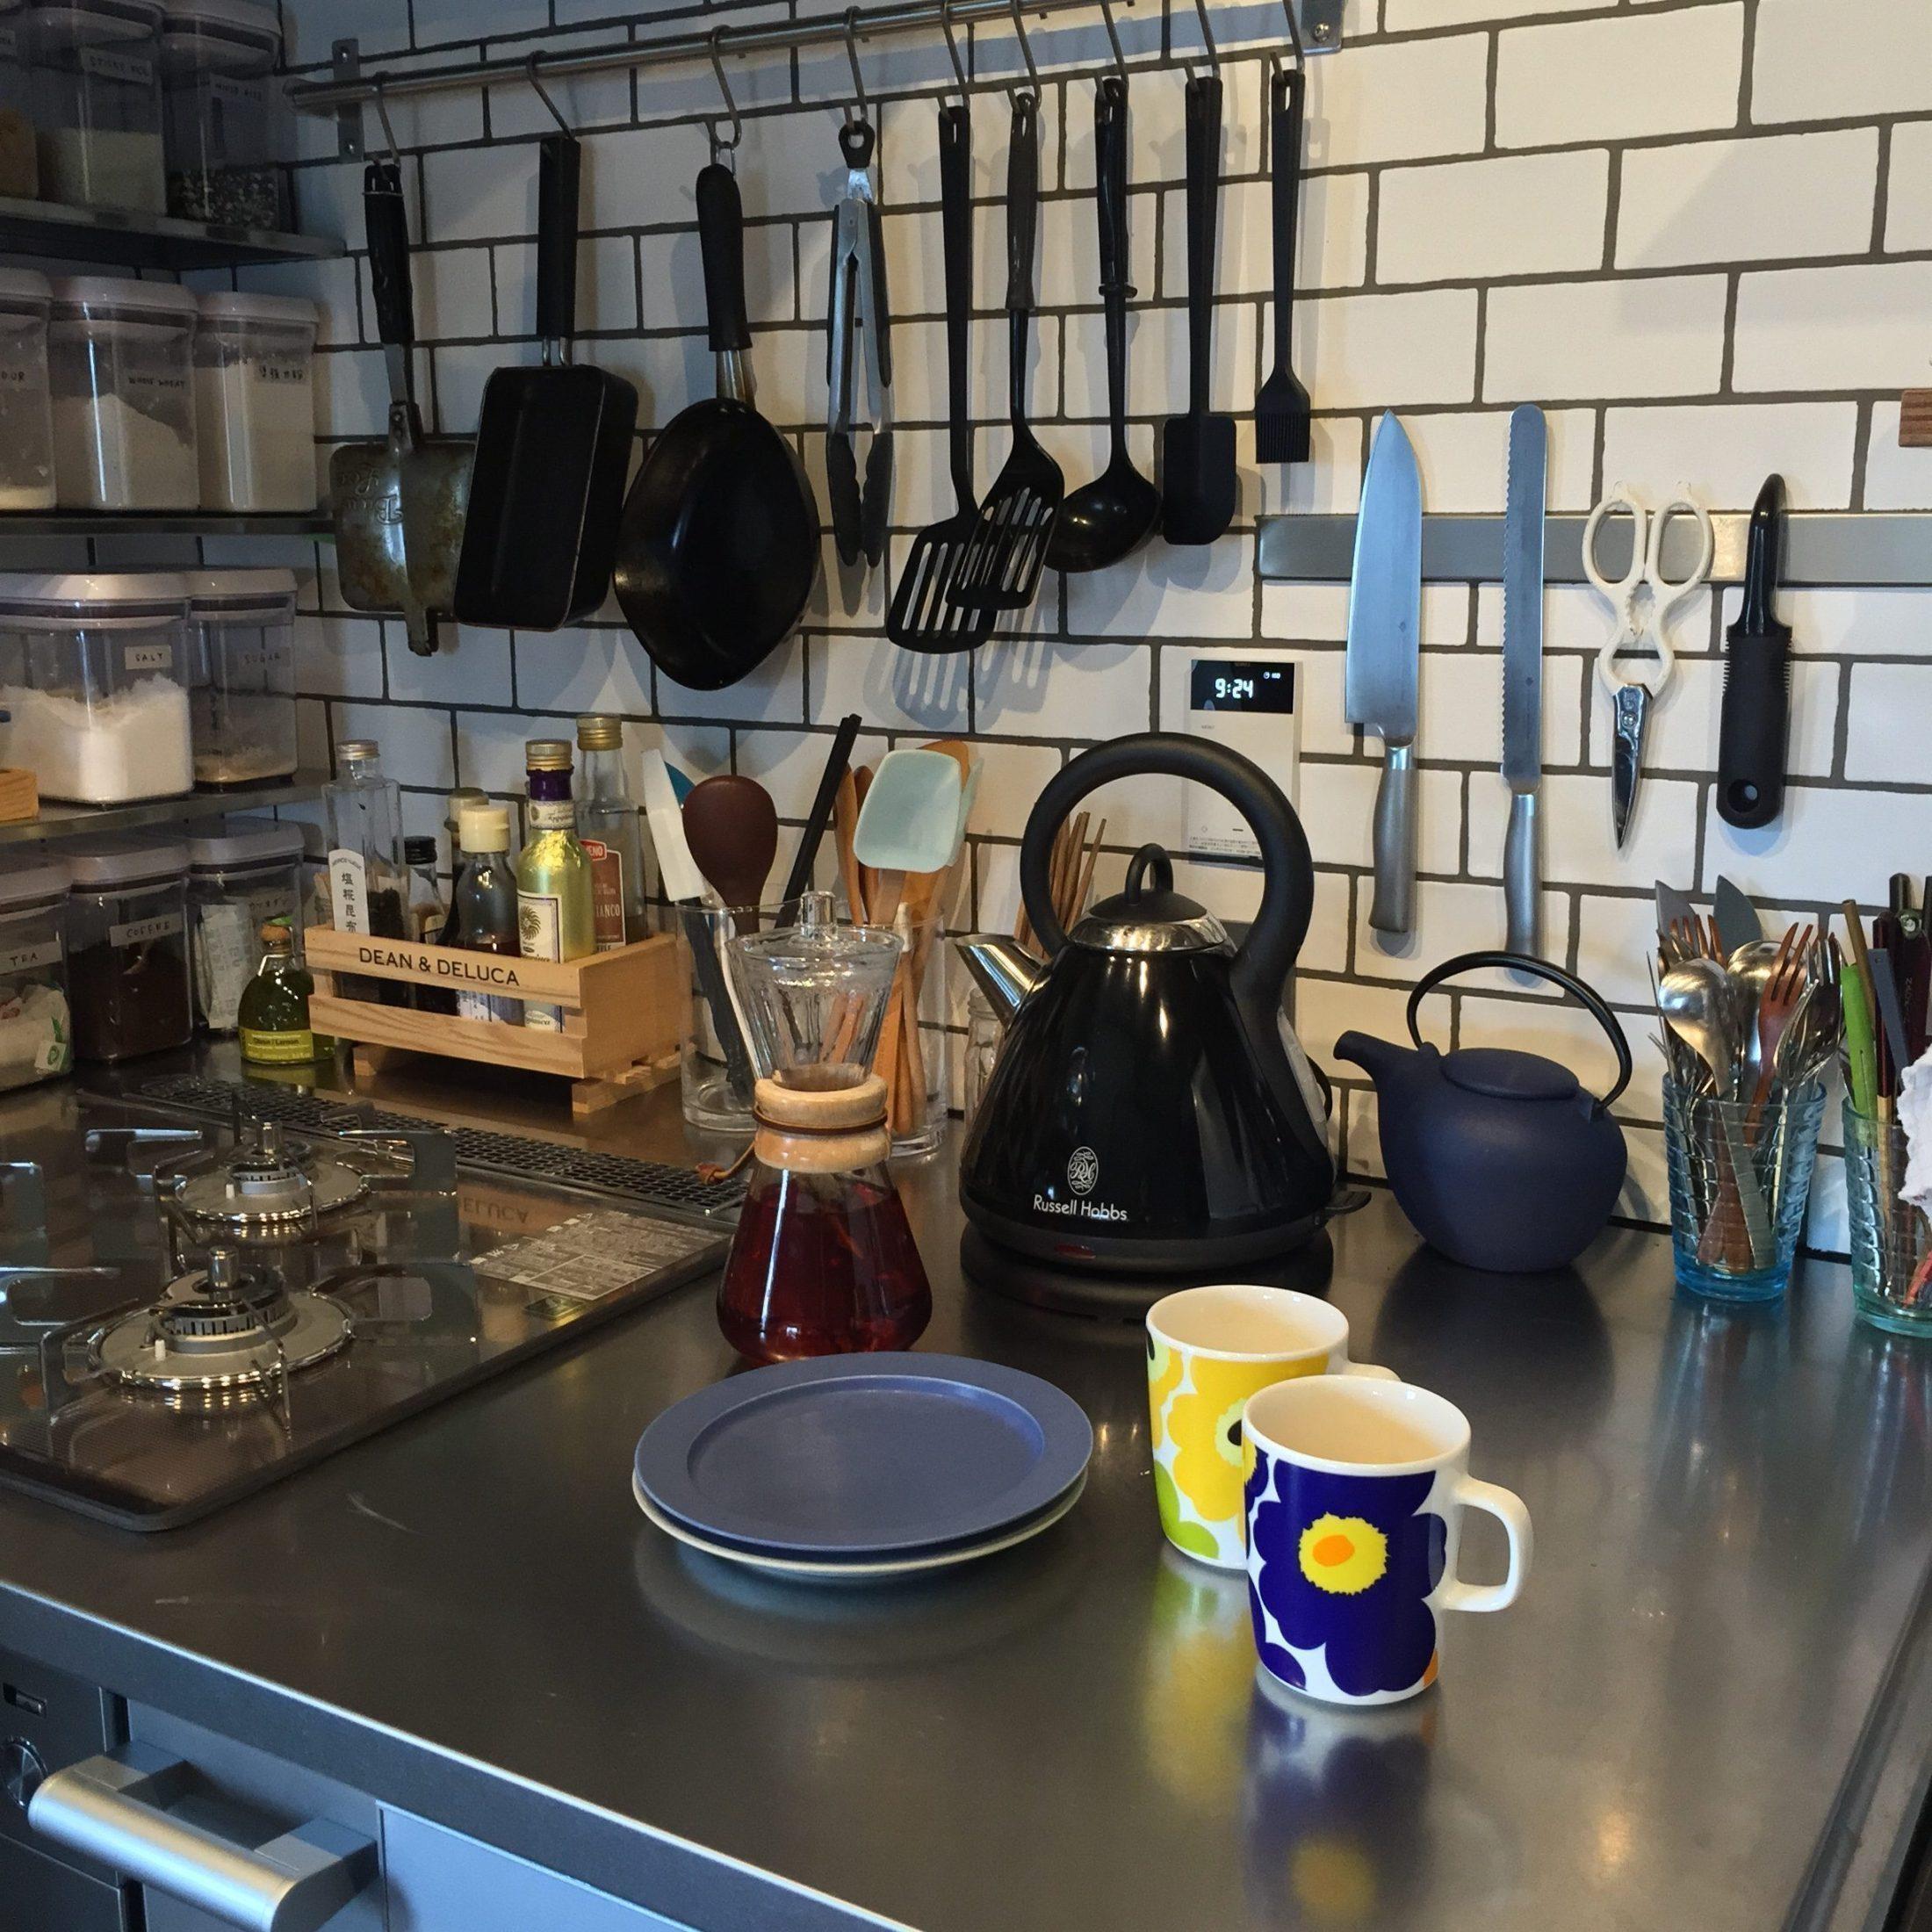 理想のキッチンとの出会いはPinterestとGoogleの画像検索の合わせワザで!【ネットで見つけた、私らしい暮らし】